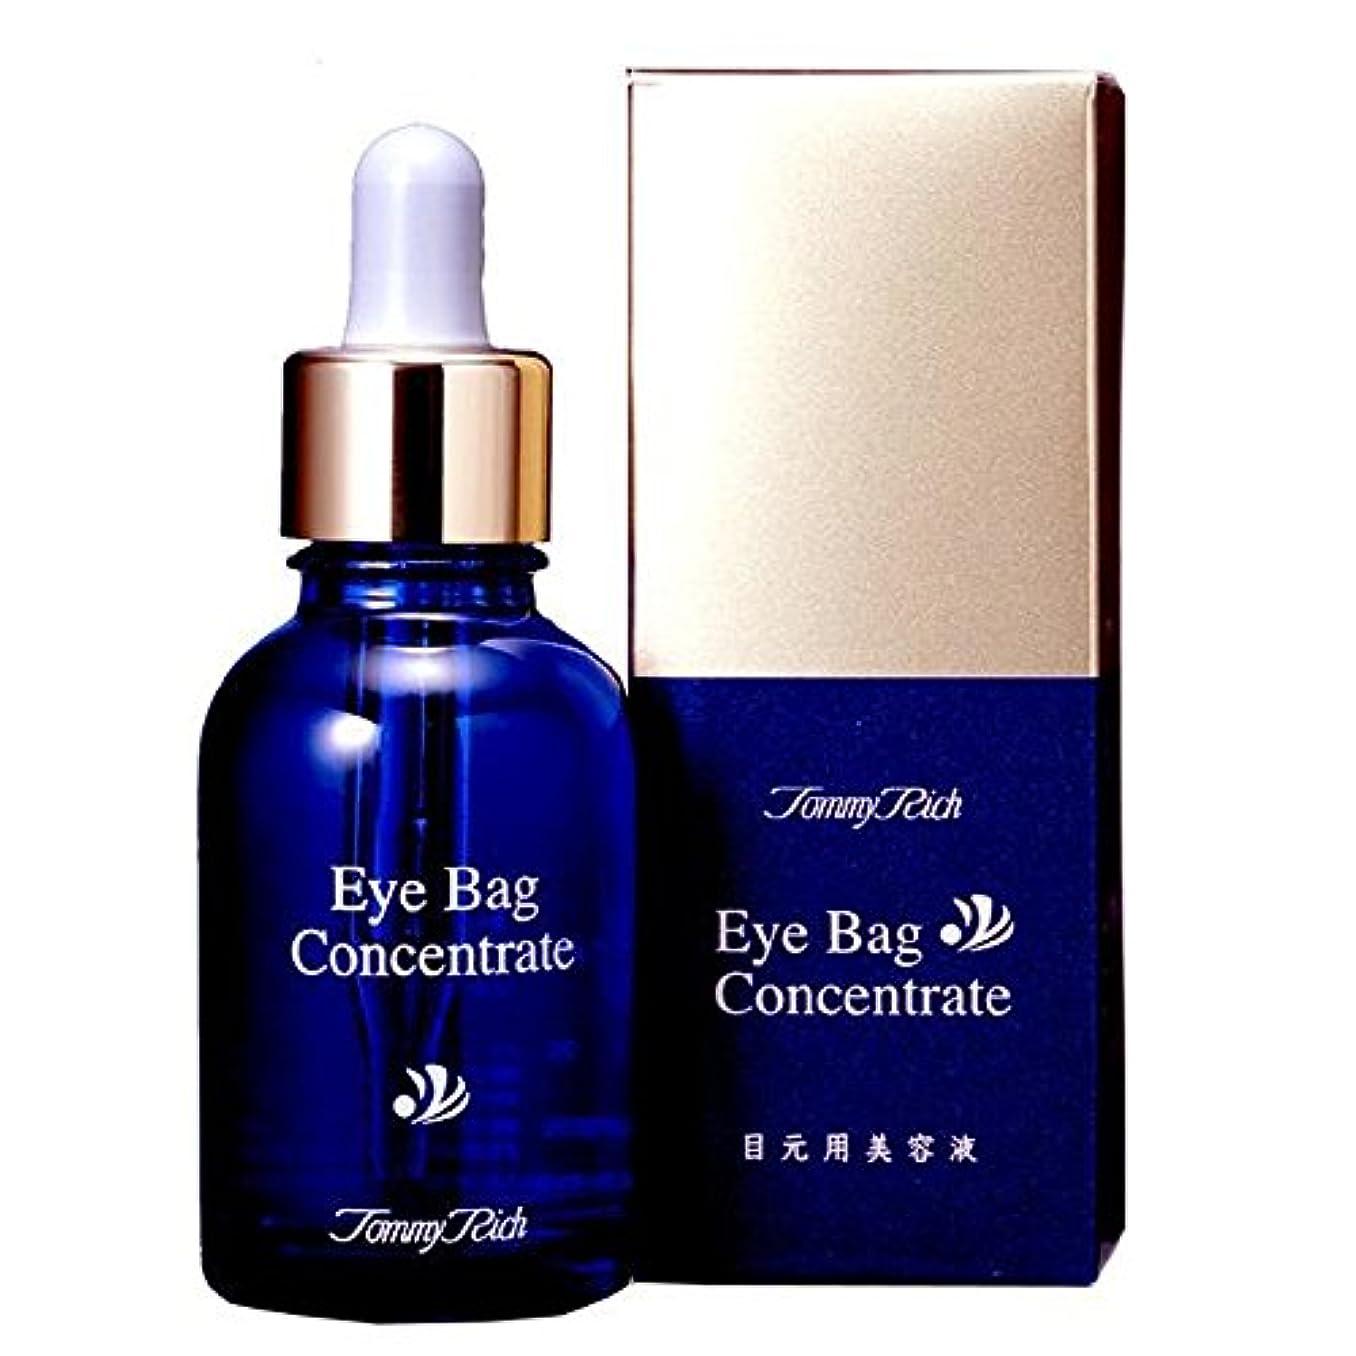 気を散らす年金受給者落ち込んでいる目の下のタルミ、目袋専用美容液アイバッグコンセントレイト